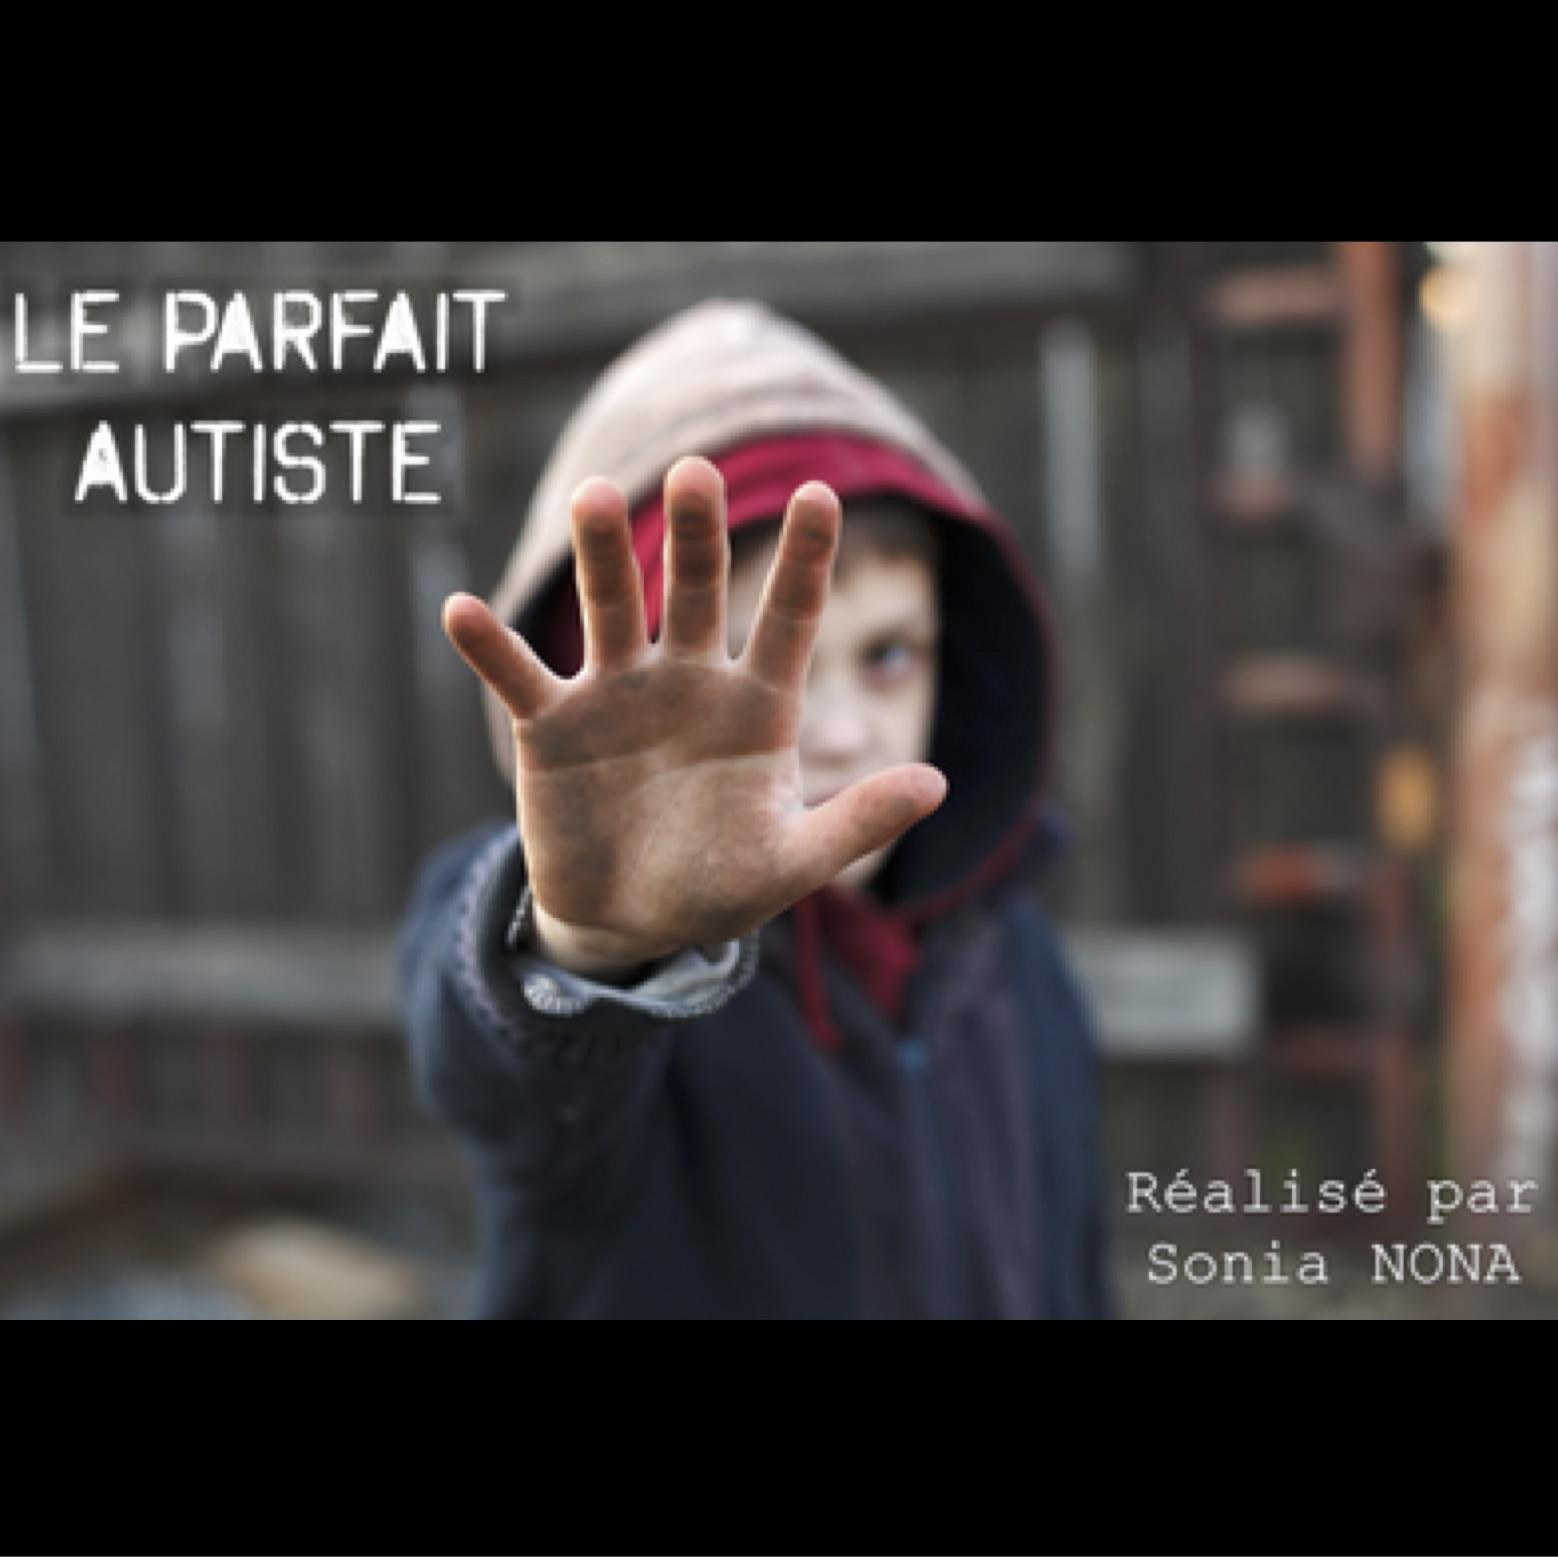 LE PARFAIT AUTISTE (Paris)